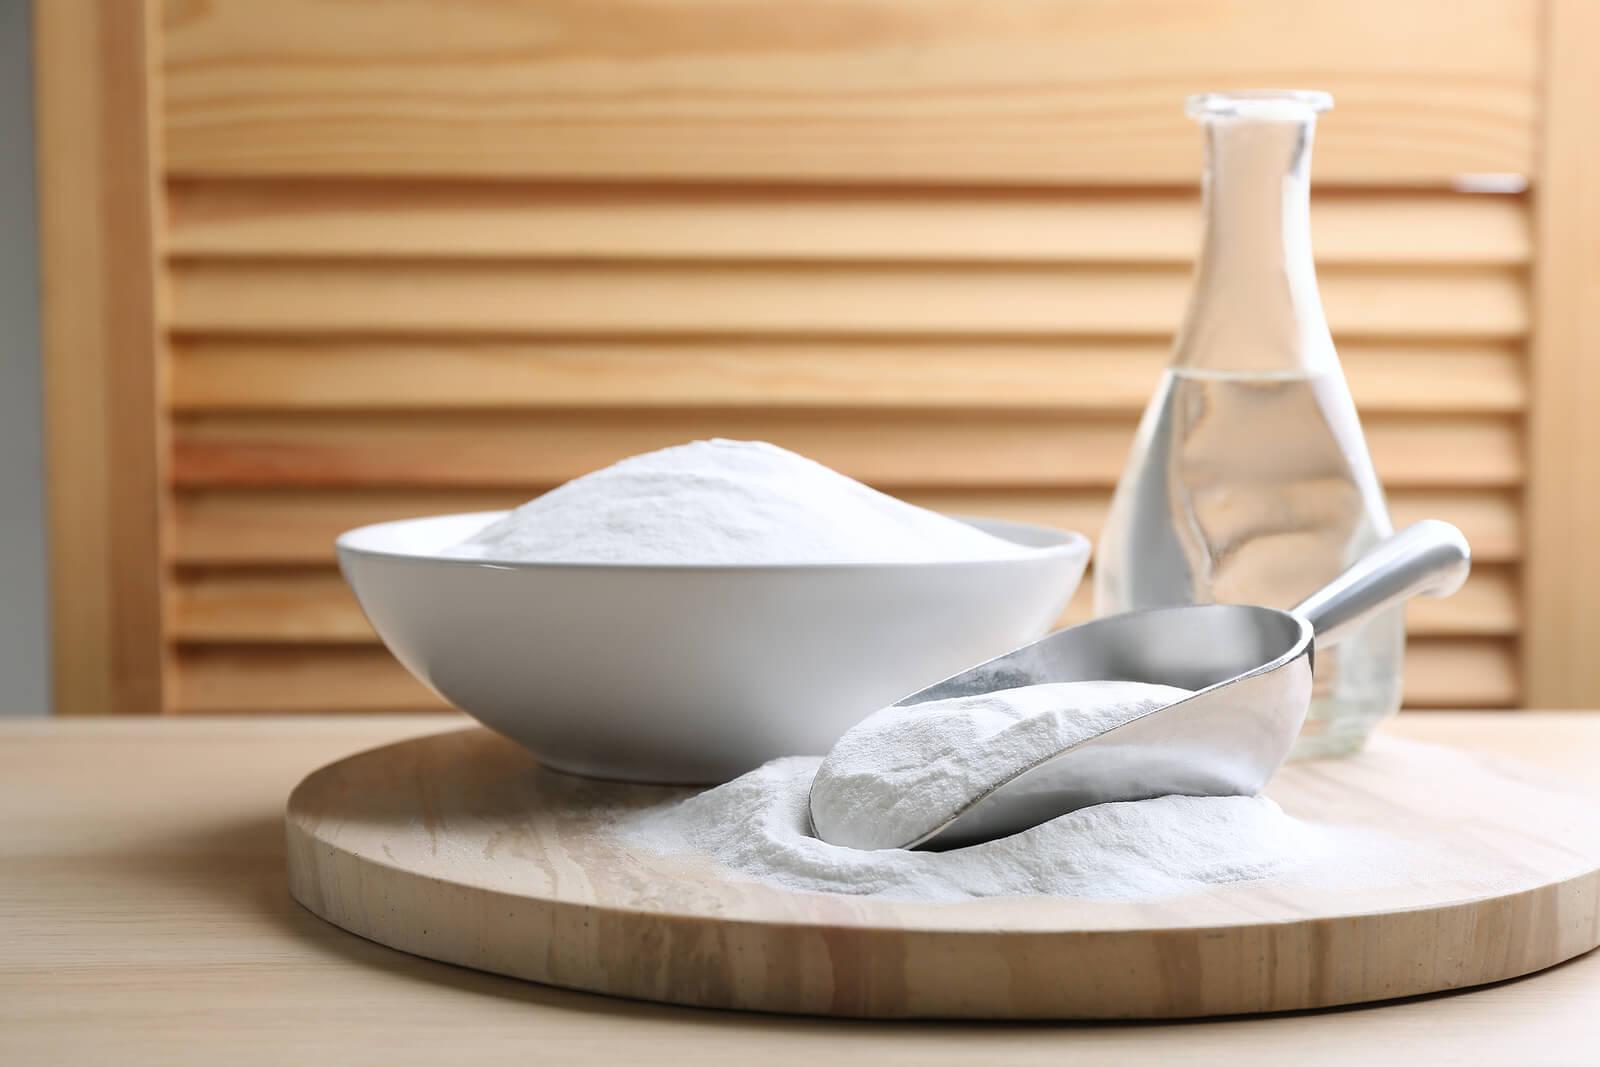 Пищевая сода для очистки занавески для душа.